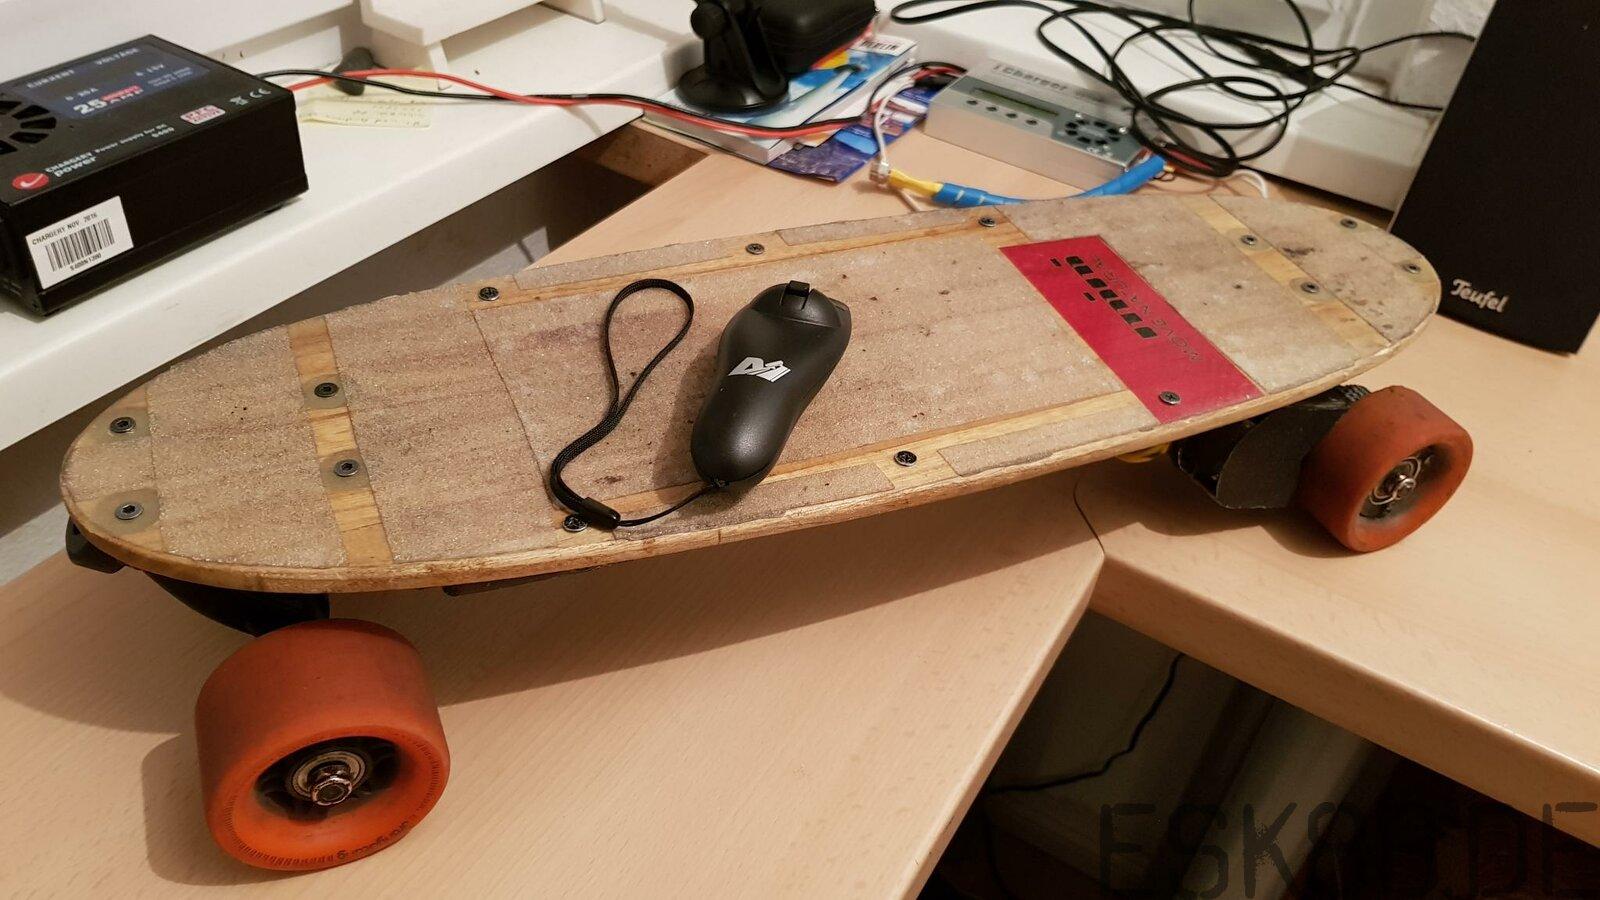 pocketboard-ist-fertig-alter-vesc-mit-neuer-fw-und-maytech-remote-kontroller-alte-leichte-deck-dran-fuer-minimale-groesse-und-gewicht-3-38-kg-4836.jpg